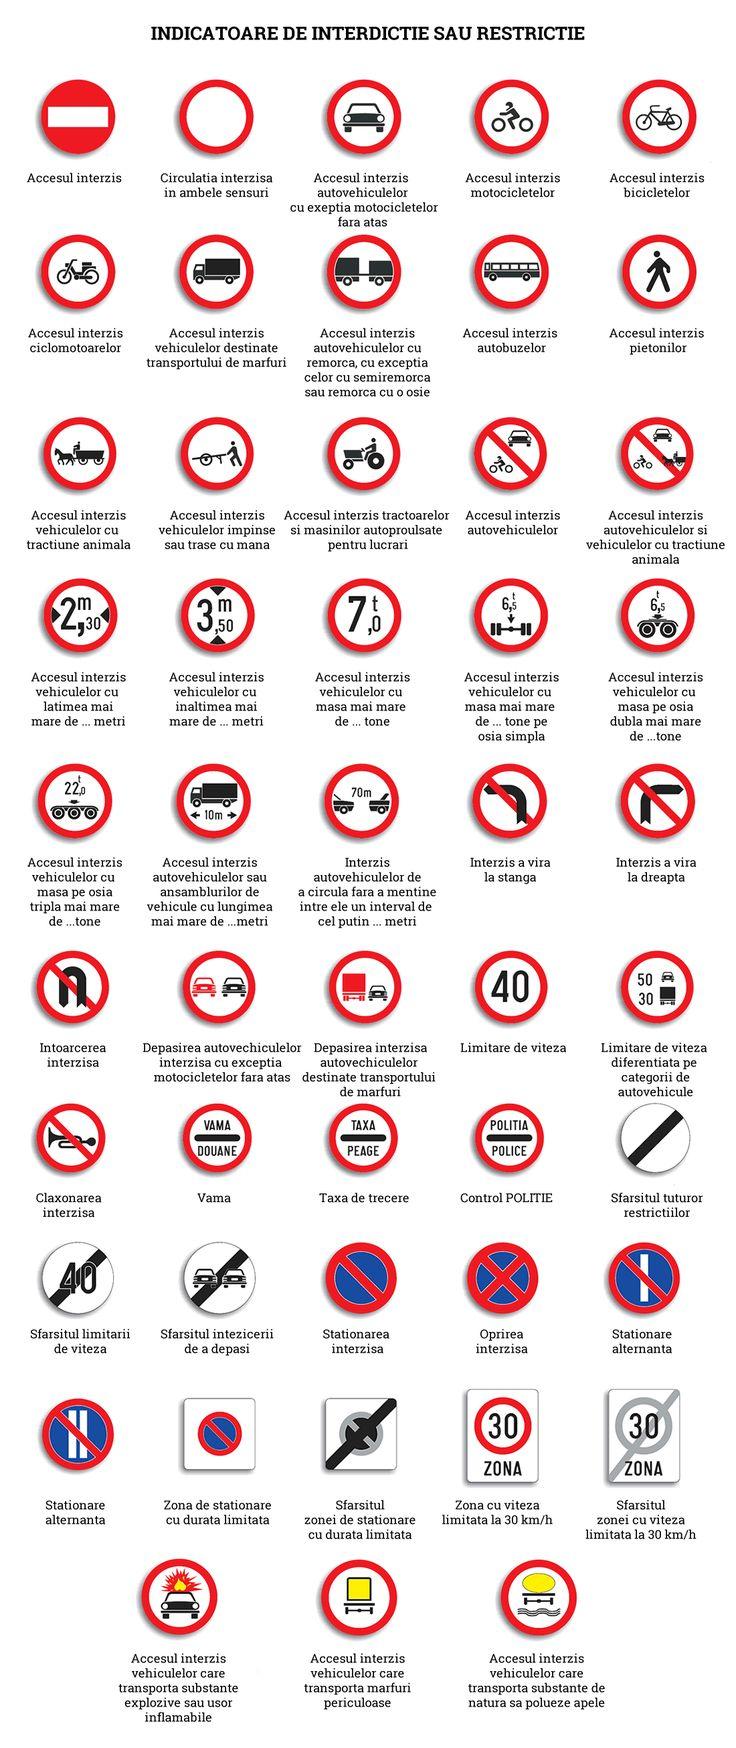 indicatoare-restrictie-interdictie